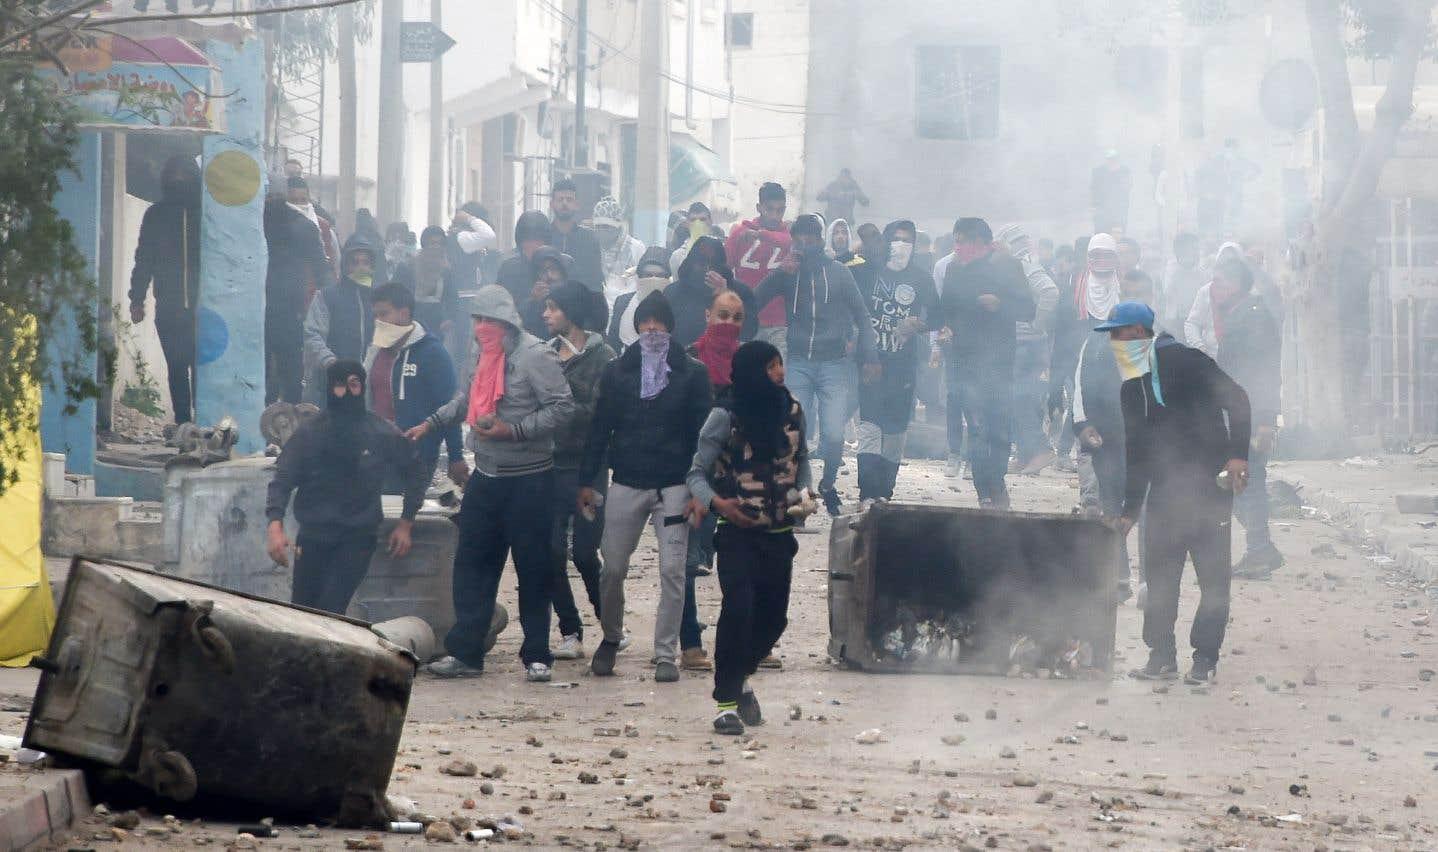 «Ni travail ni avenir» à Tebourba, ville déshéritée de Tunisie